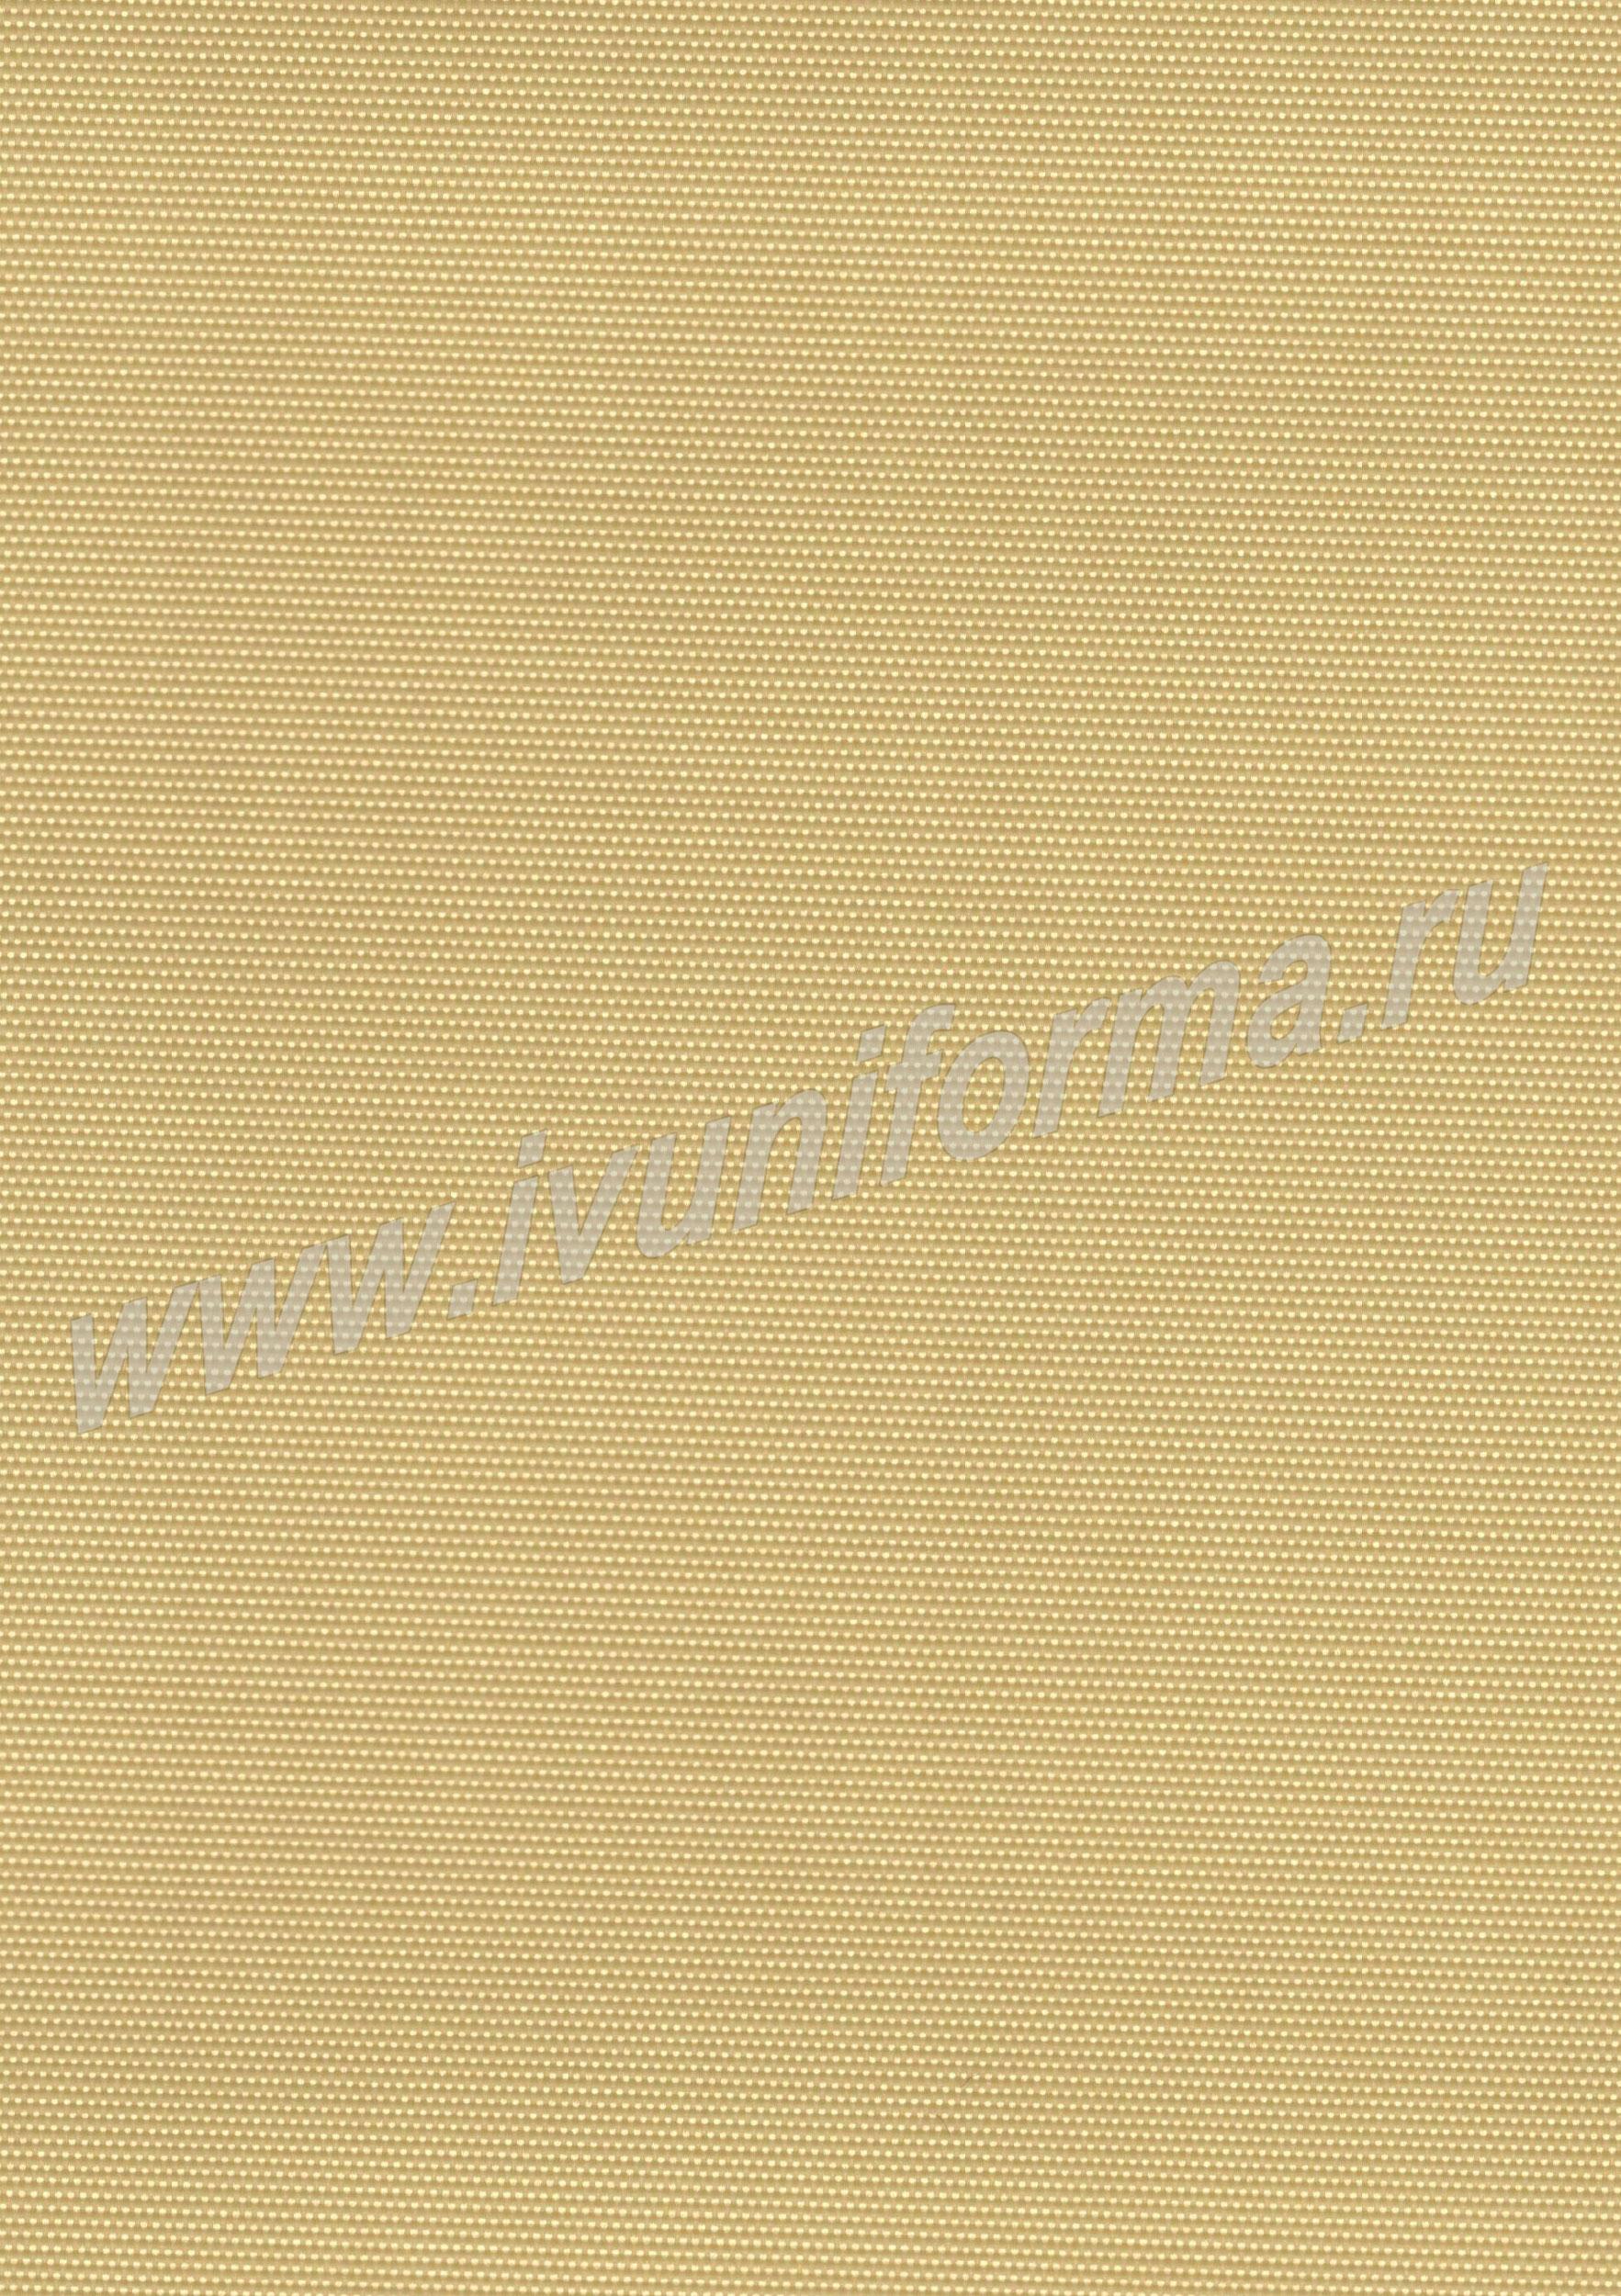 Ткань оксфорд купить в розницу в новосибирске выкройка джемпера